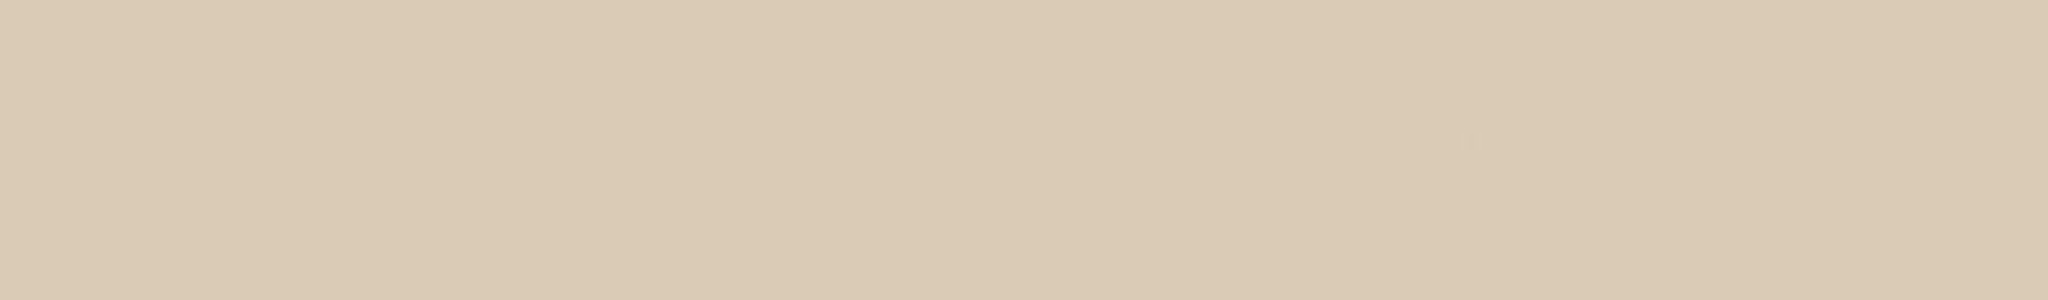 HU 12499 ABS hrana béžová hladká mat